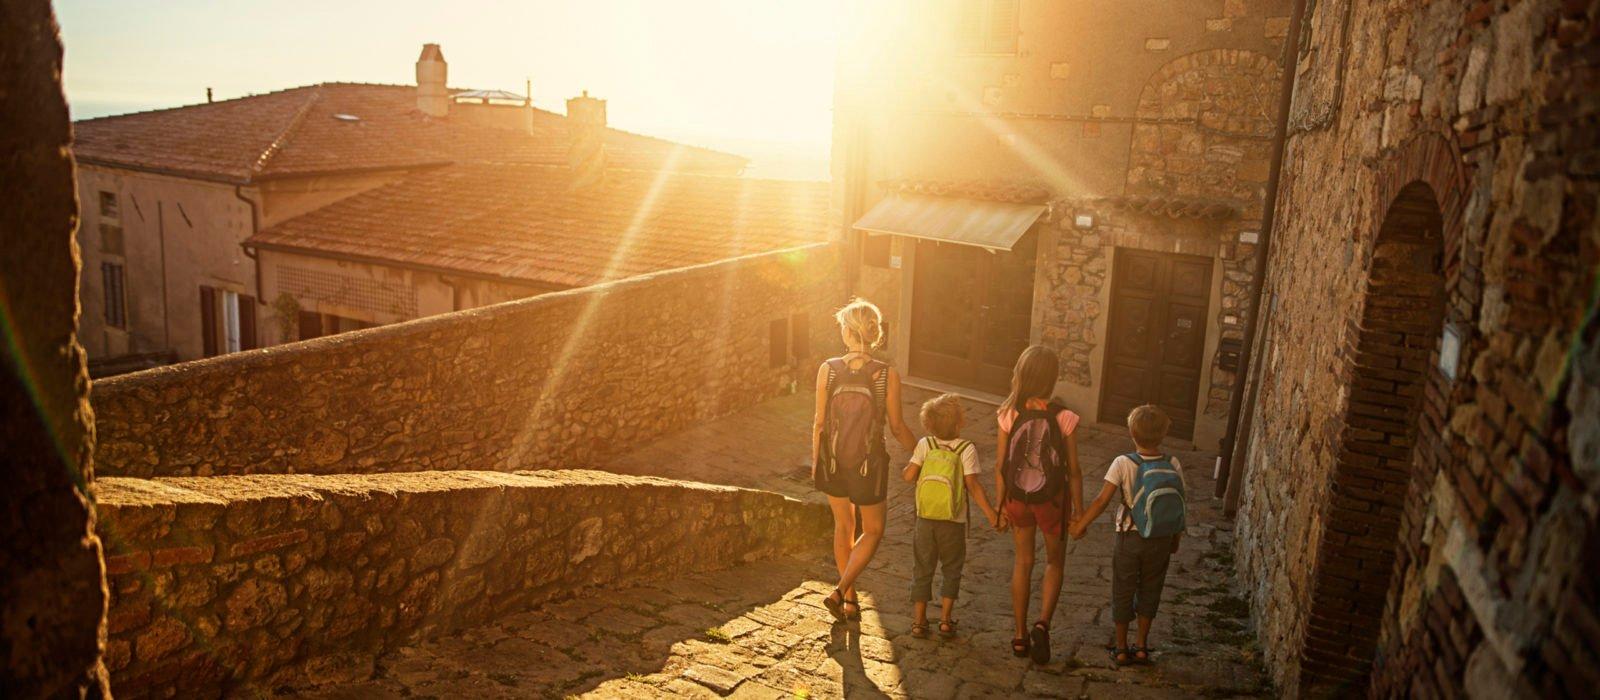 family-tuscan-street-italy